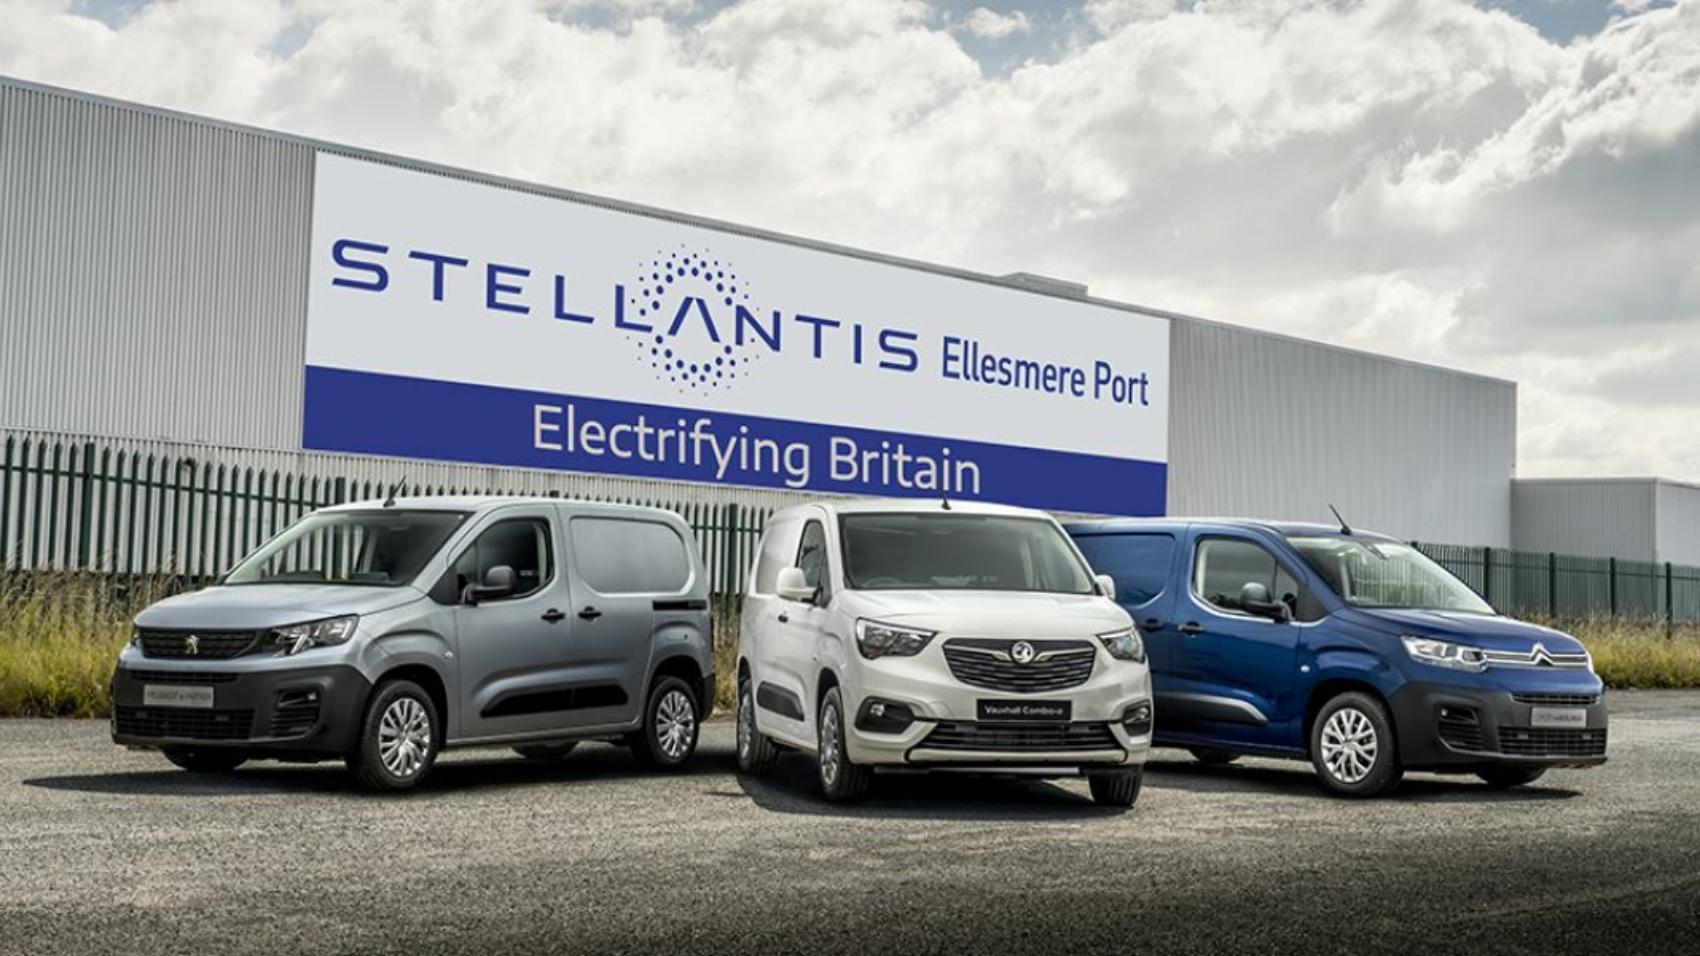 Stellantis Ellesmere Port factory